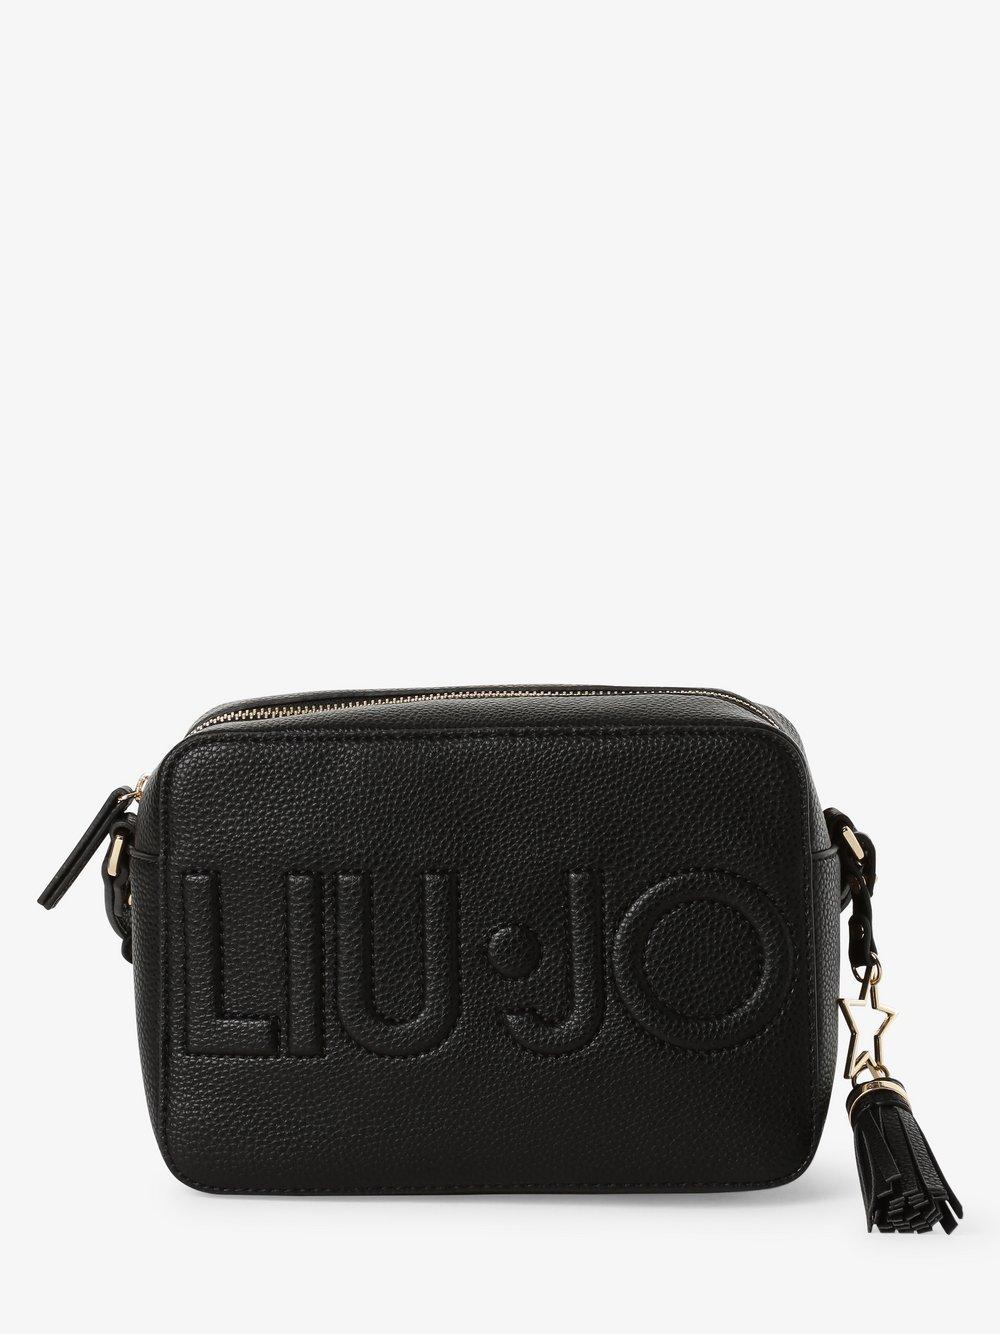 Liu Jo Collection – Damska torebka na ramię, czarny Van Graaf 476477-0001-00000